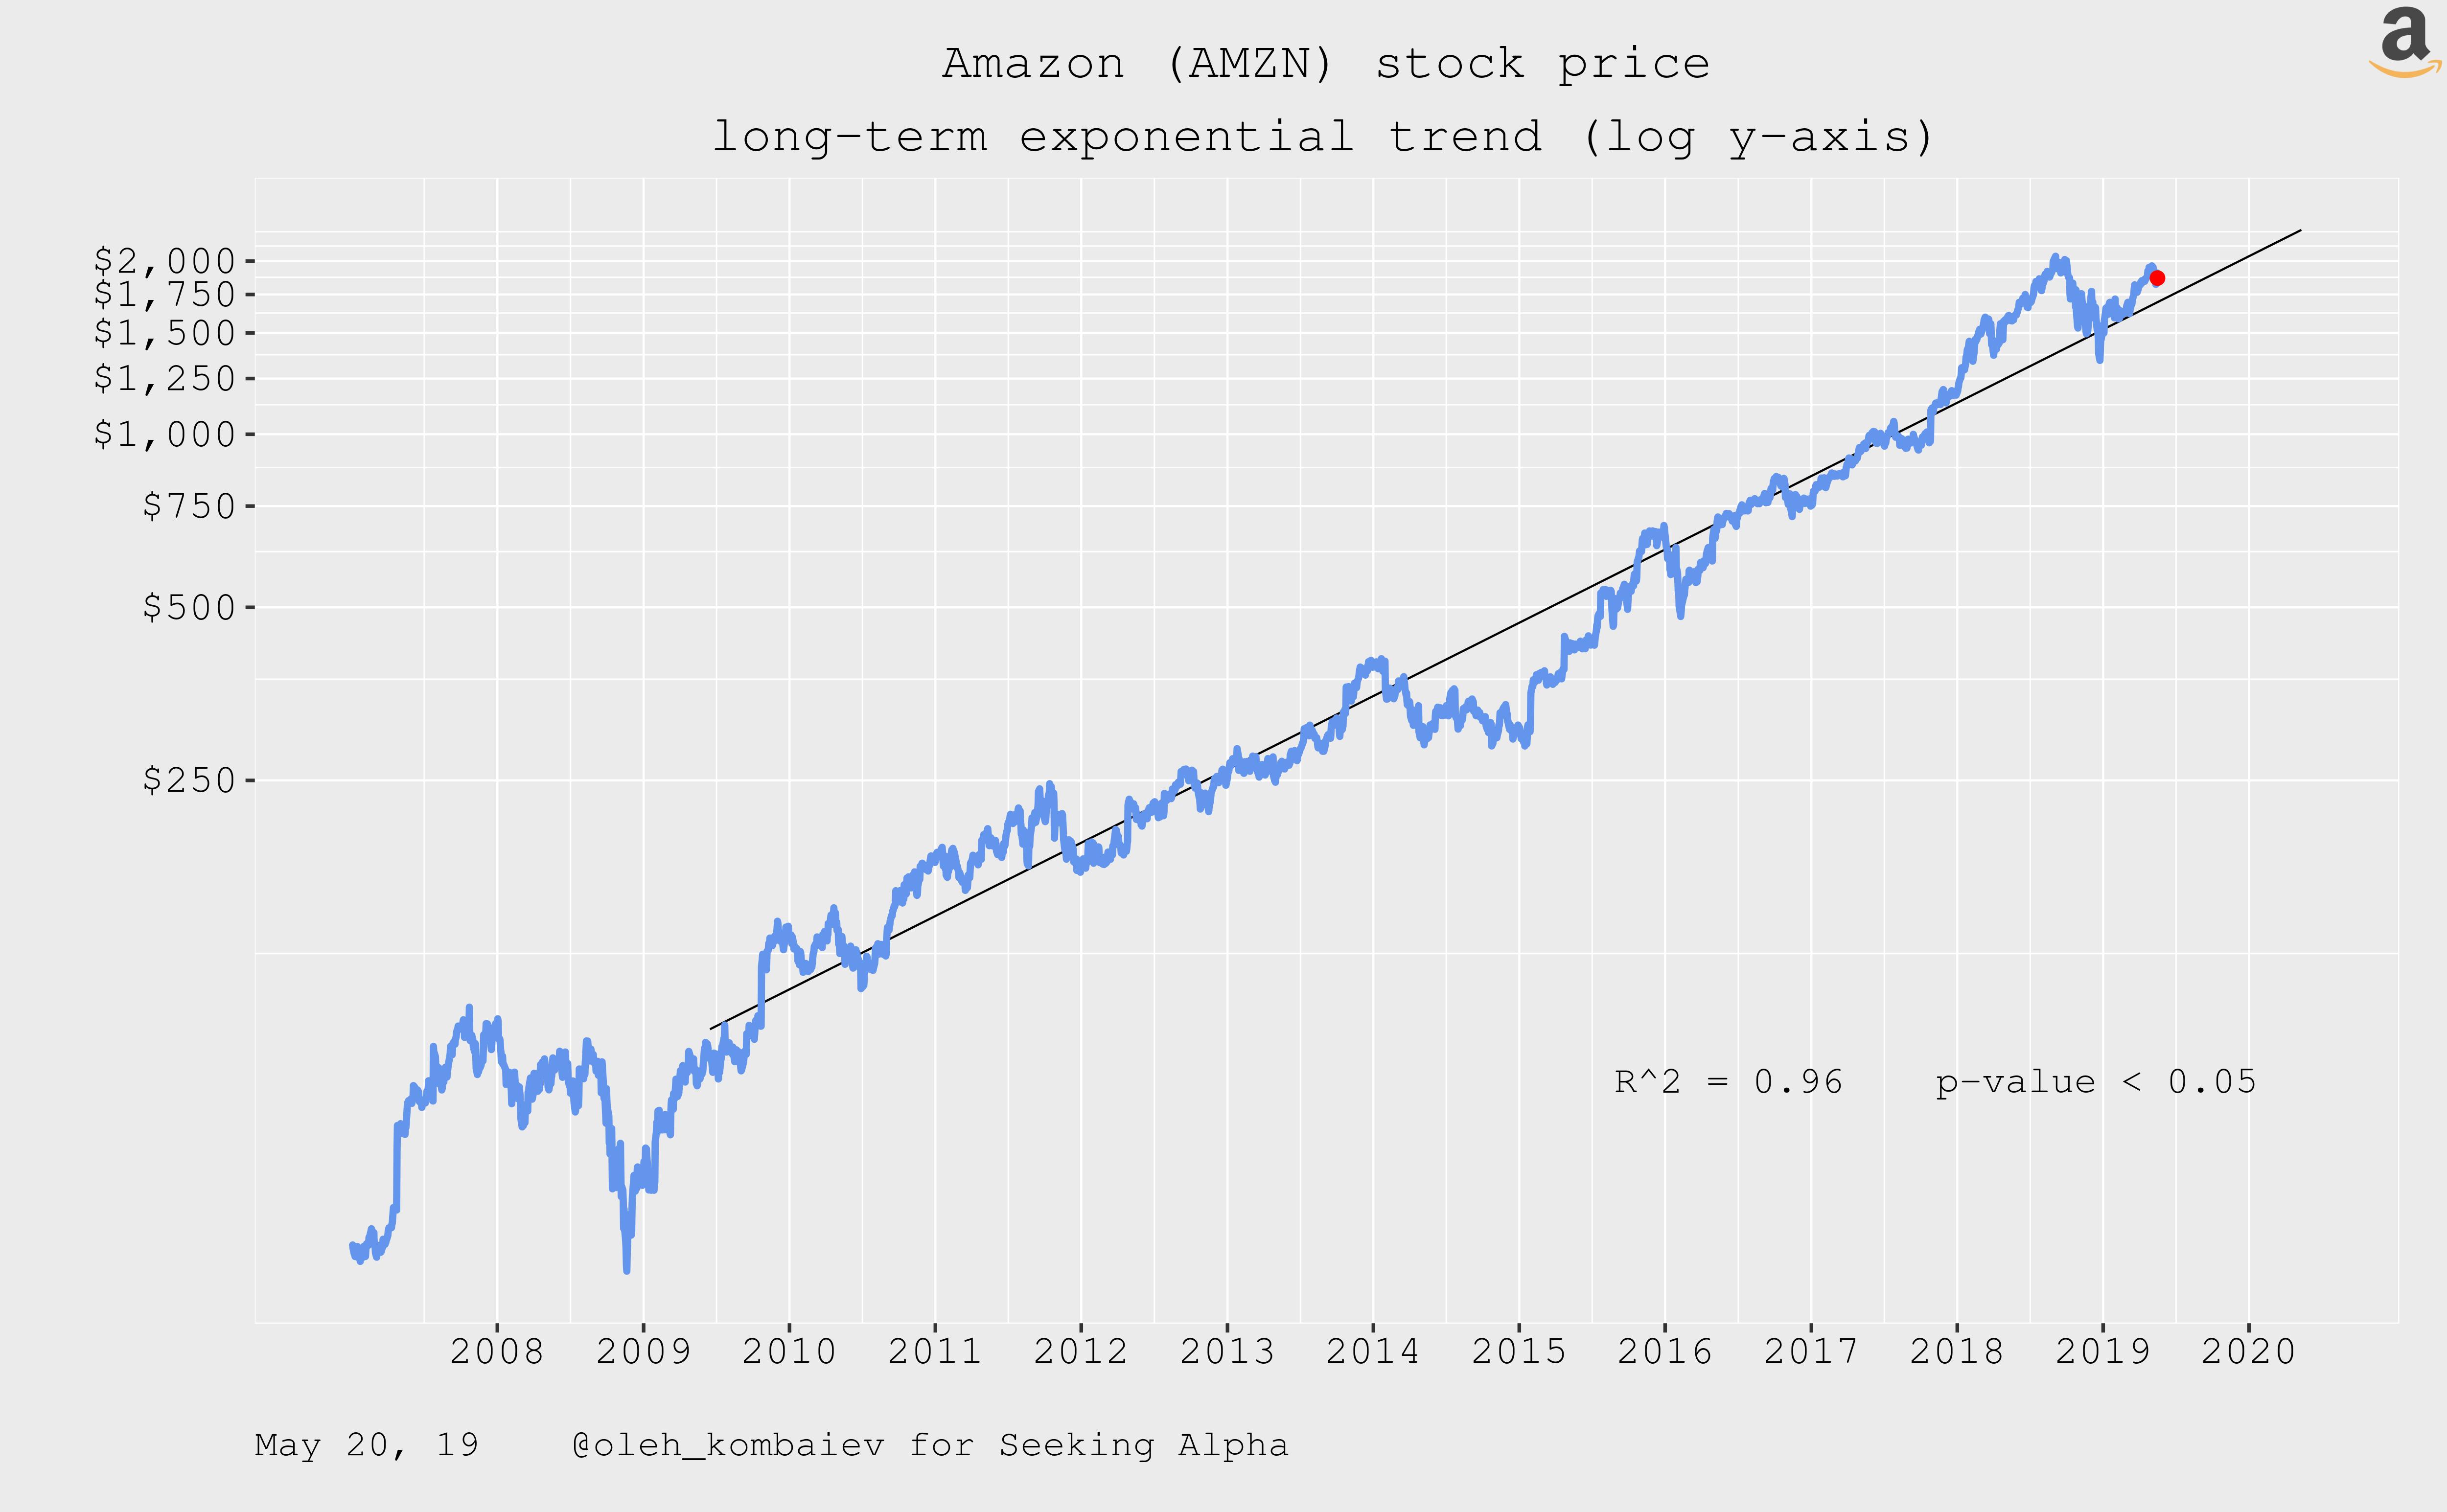 Amazon stock price 2019